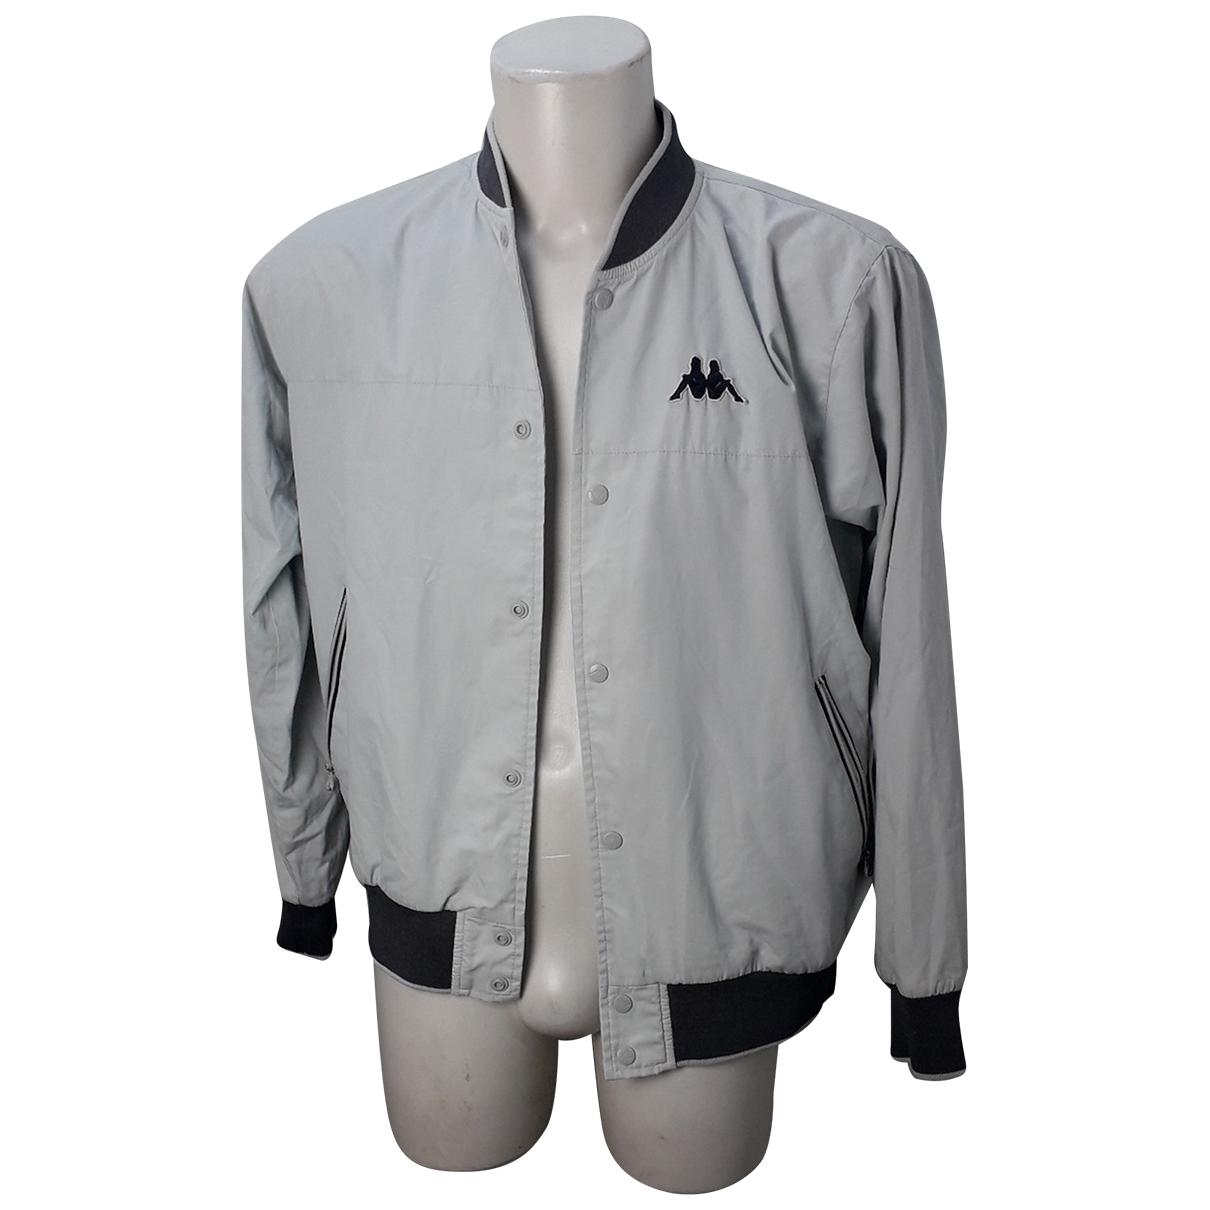 Kappa \N Grey Cotton jacket  for Men M International